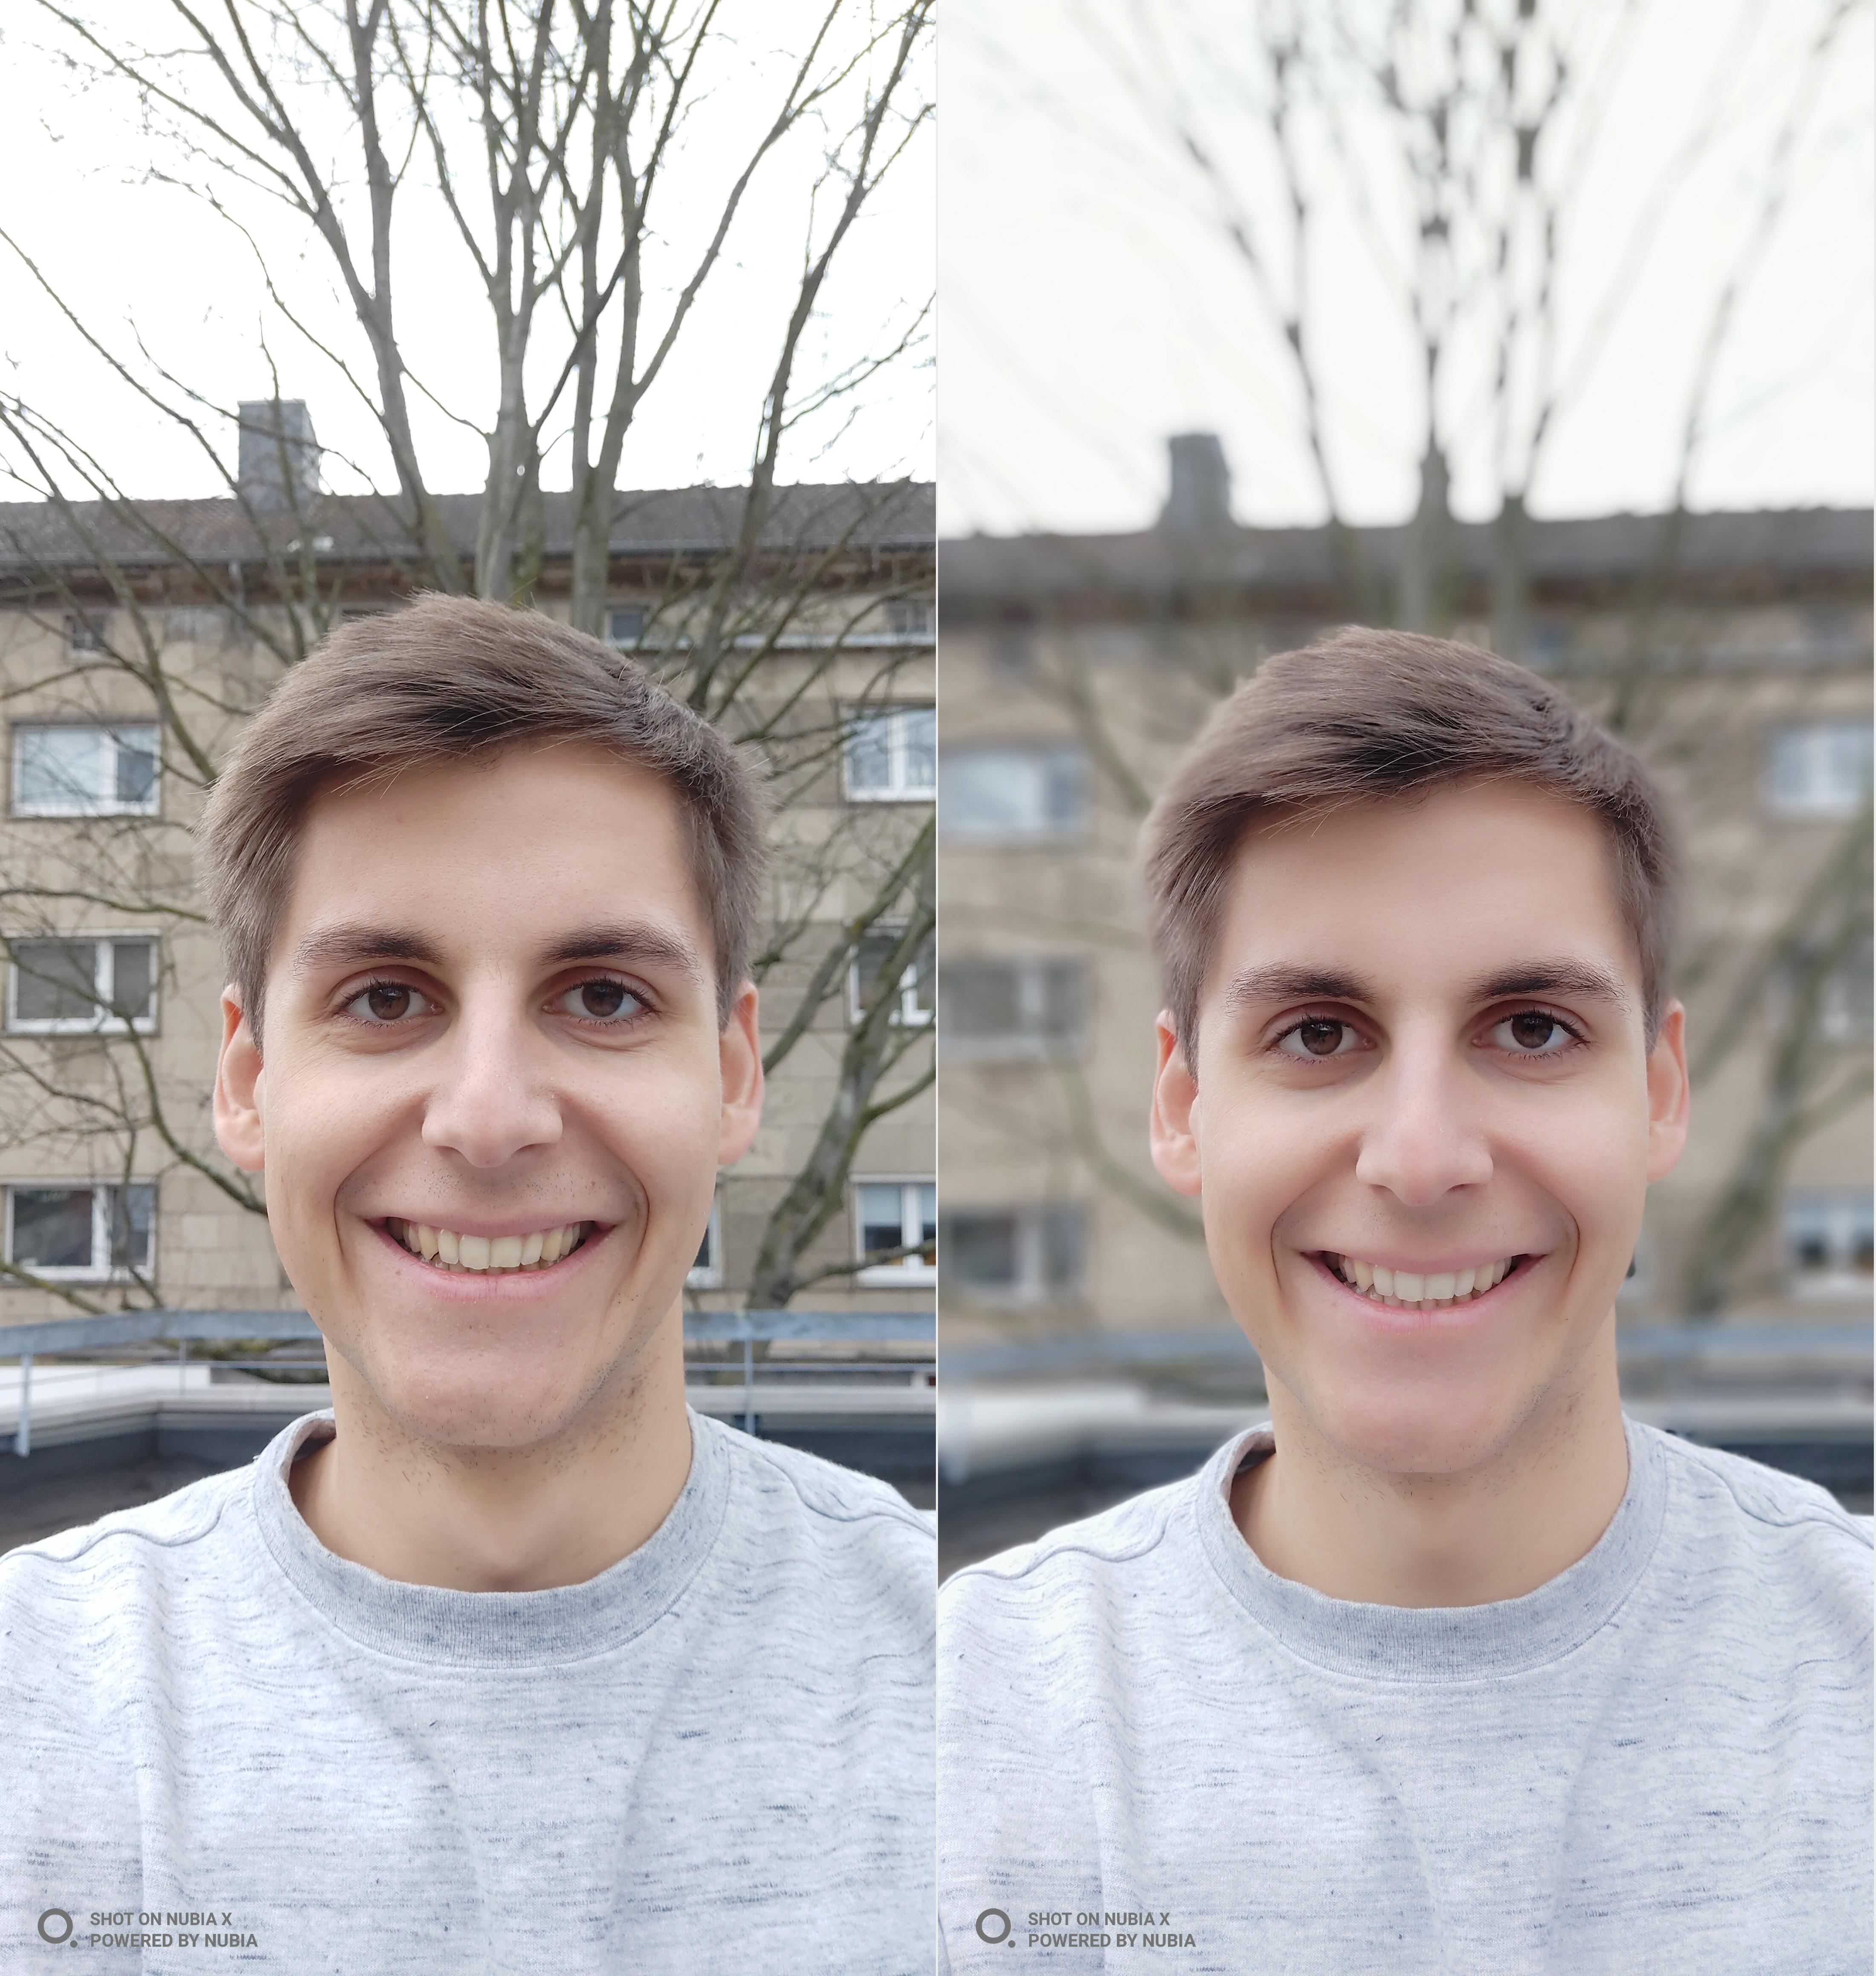 Nubia X Testfoto Selfie Portrait Vergleich